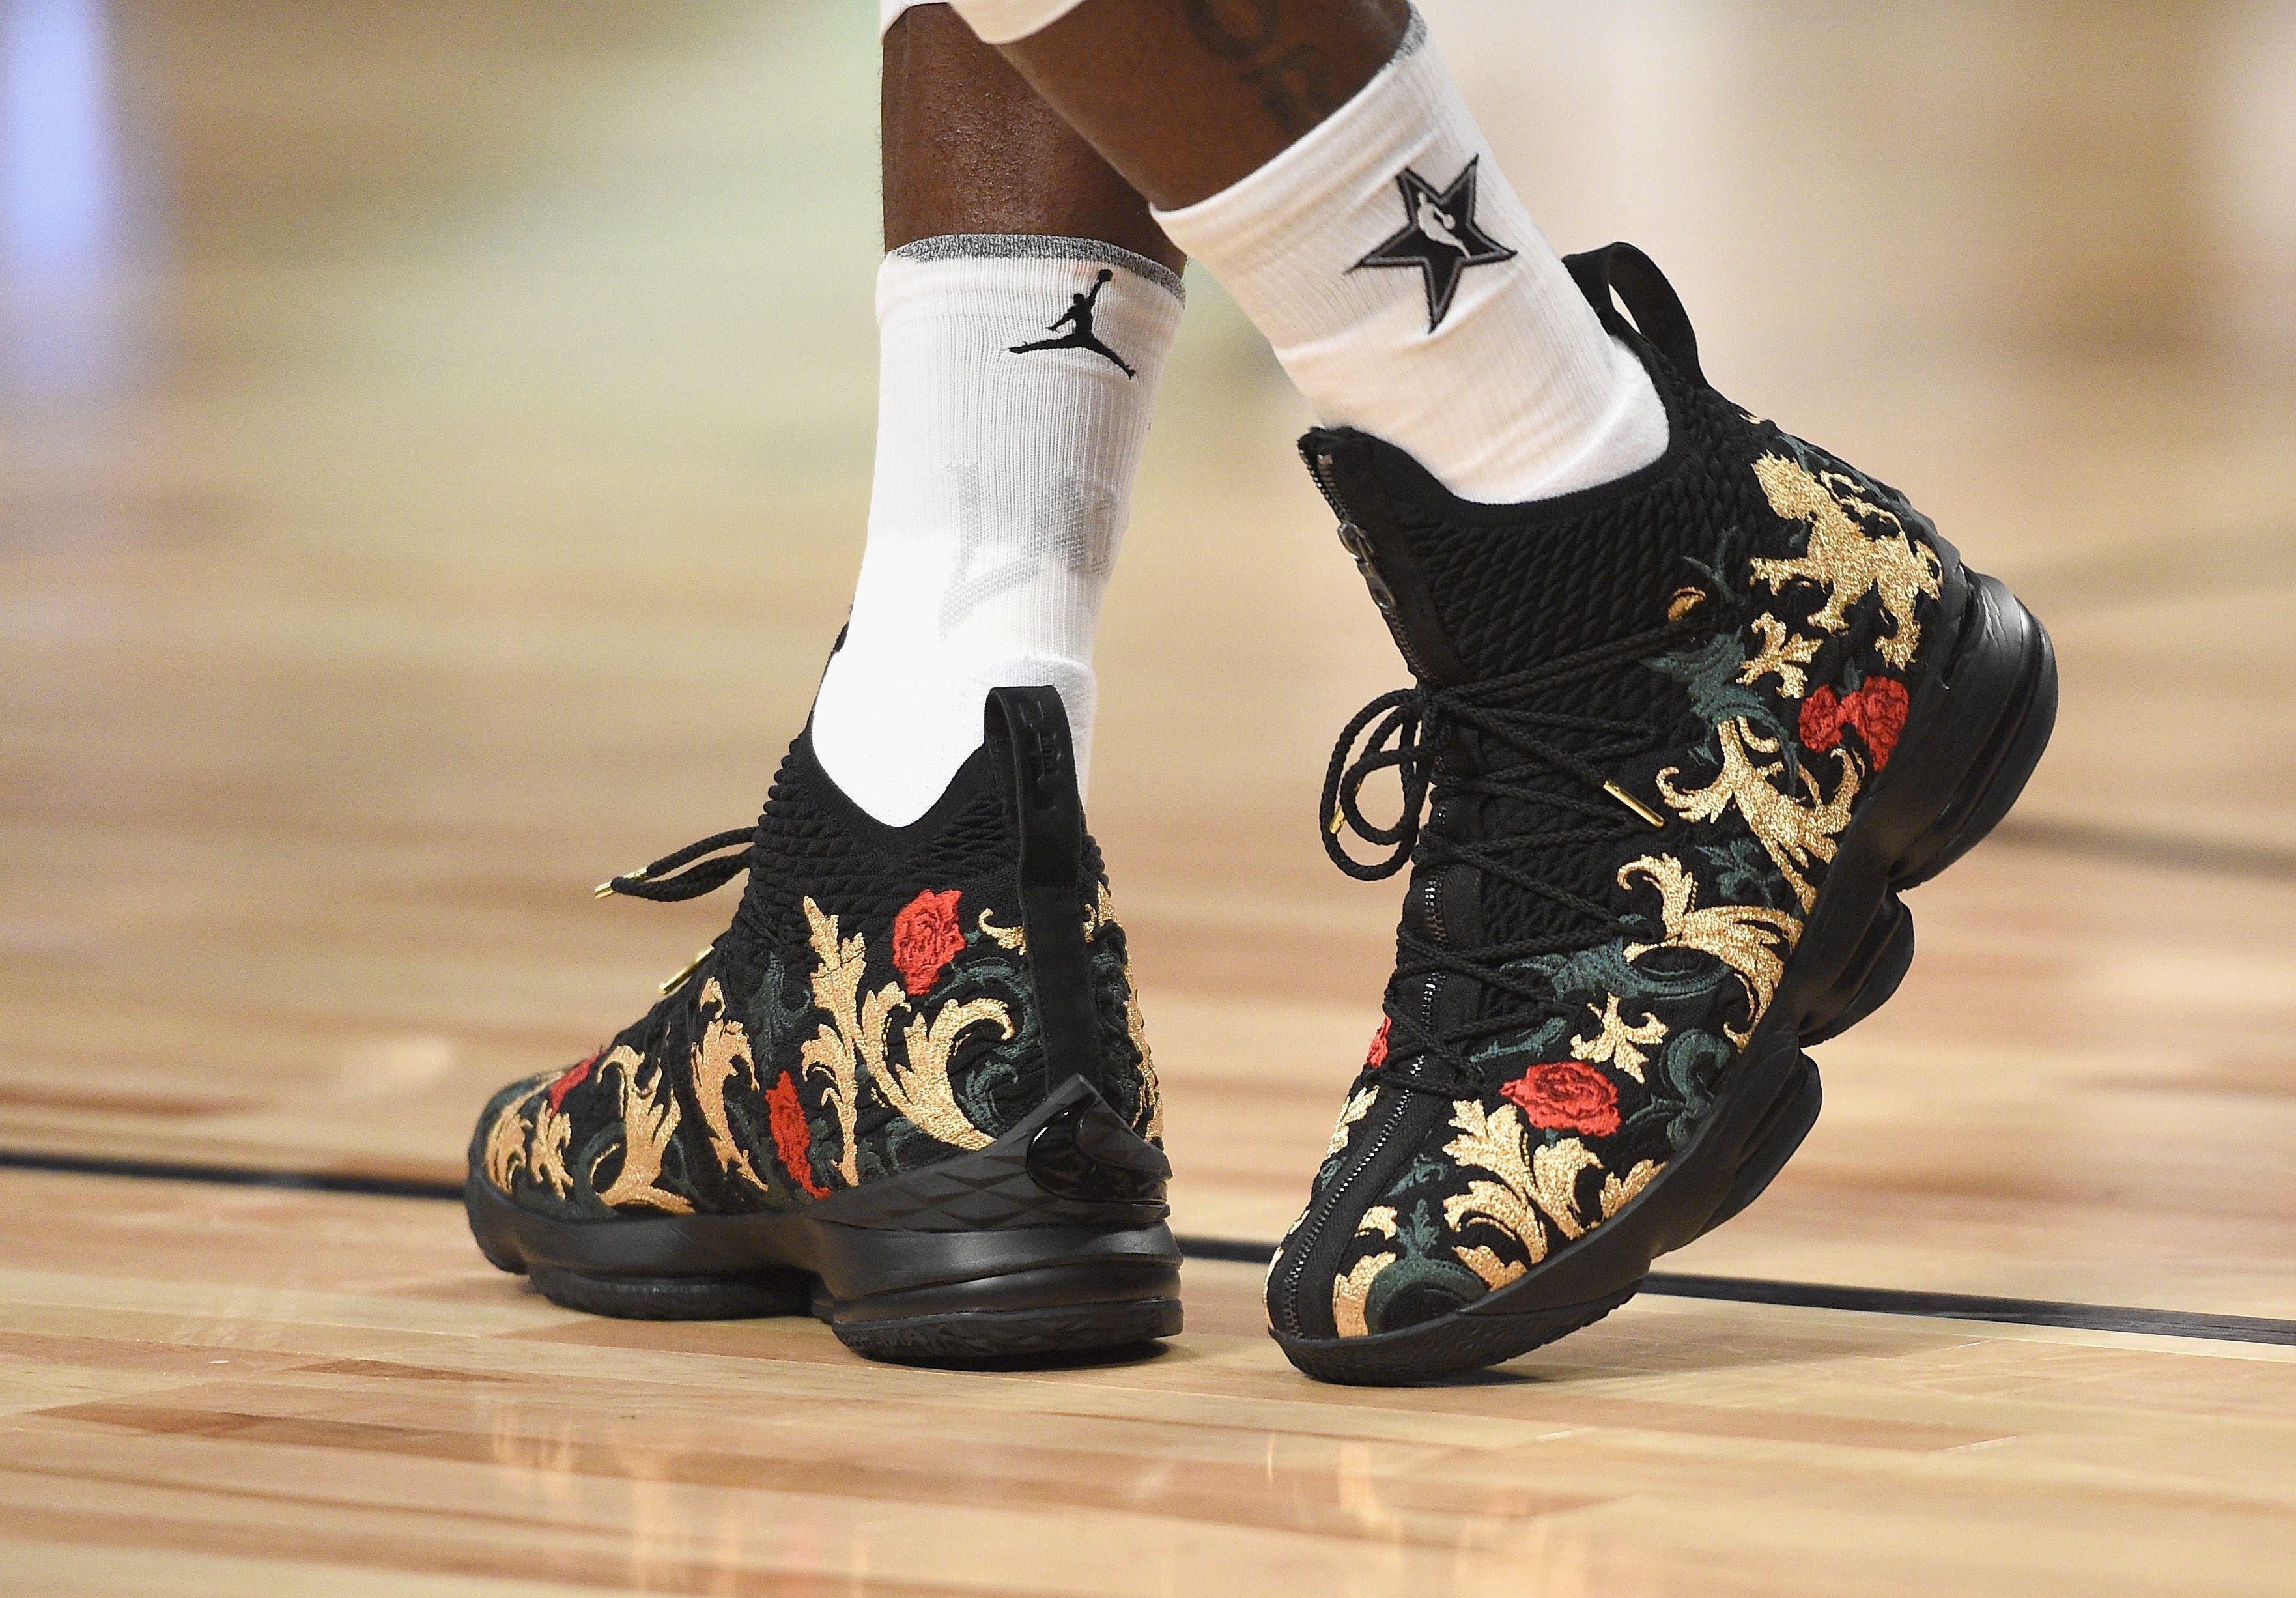 a80425a853056 ¿Cuáles fueron las mejores zapatillas del All Star de la NBA